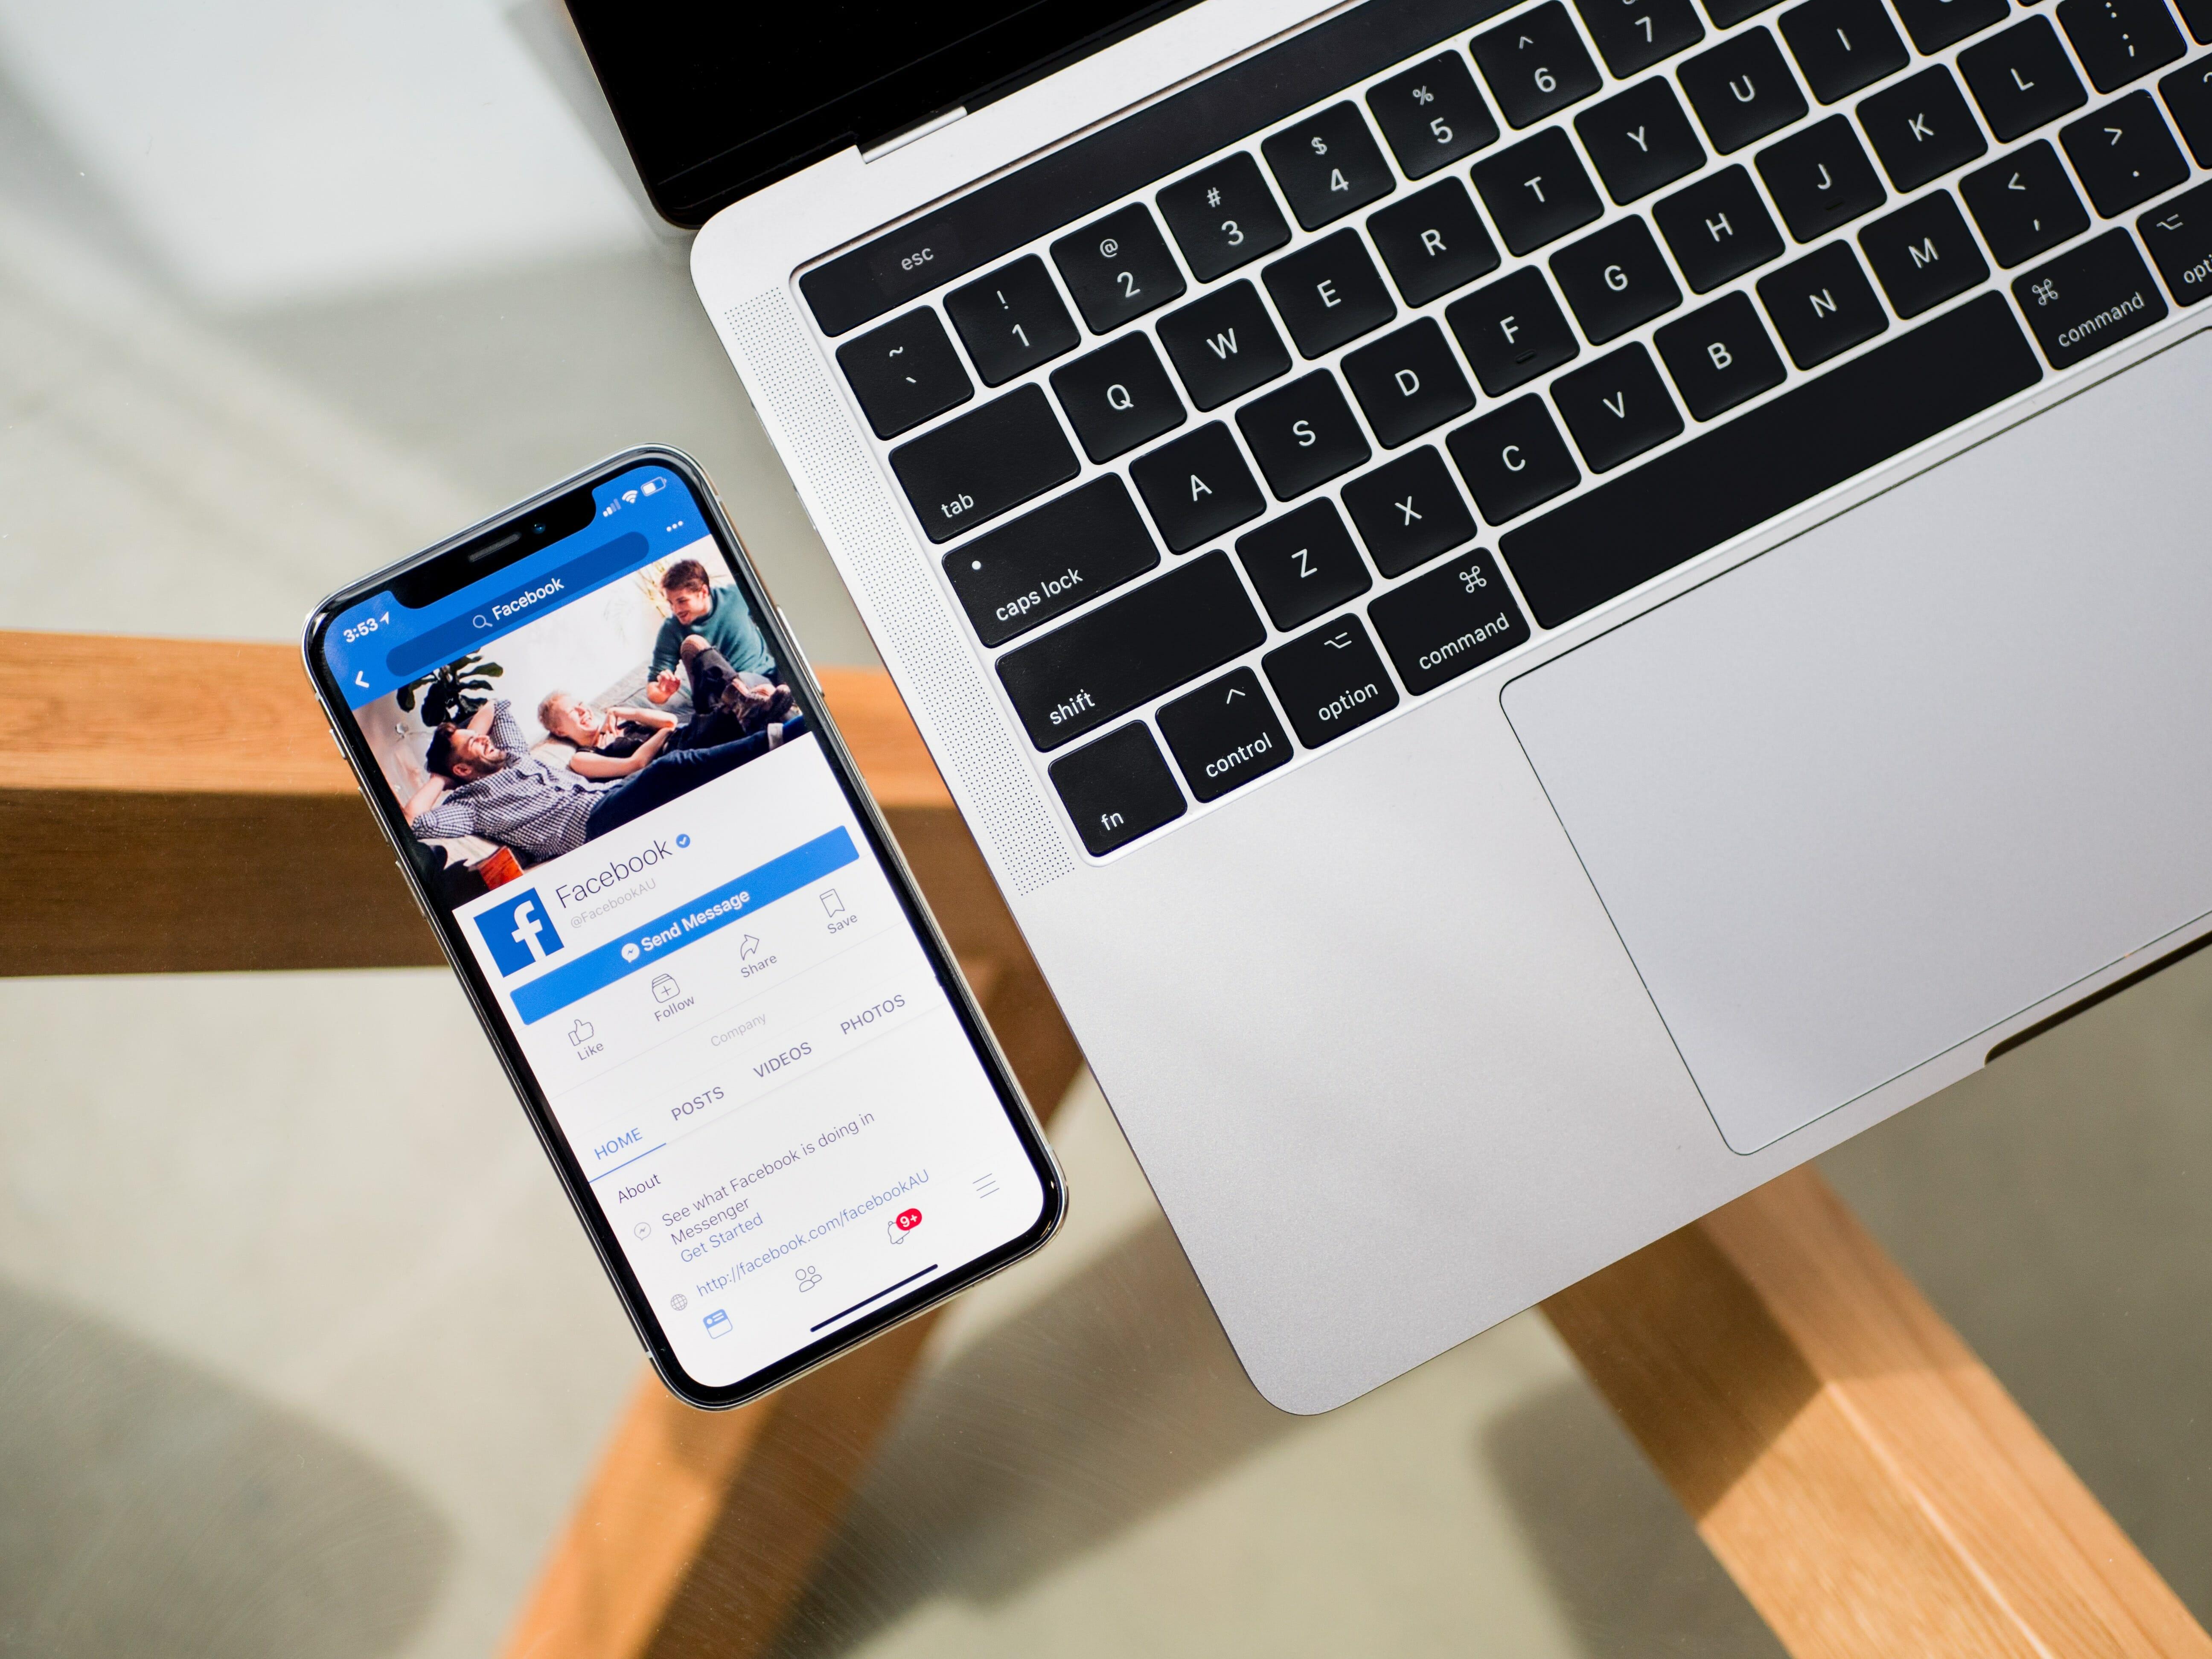 tim bennett 538189 unsplash - ¿Qué es y cómo funciona el pixel de Facebook?